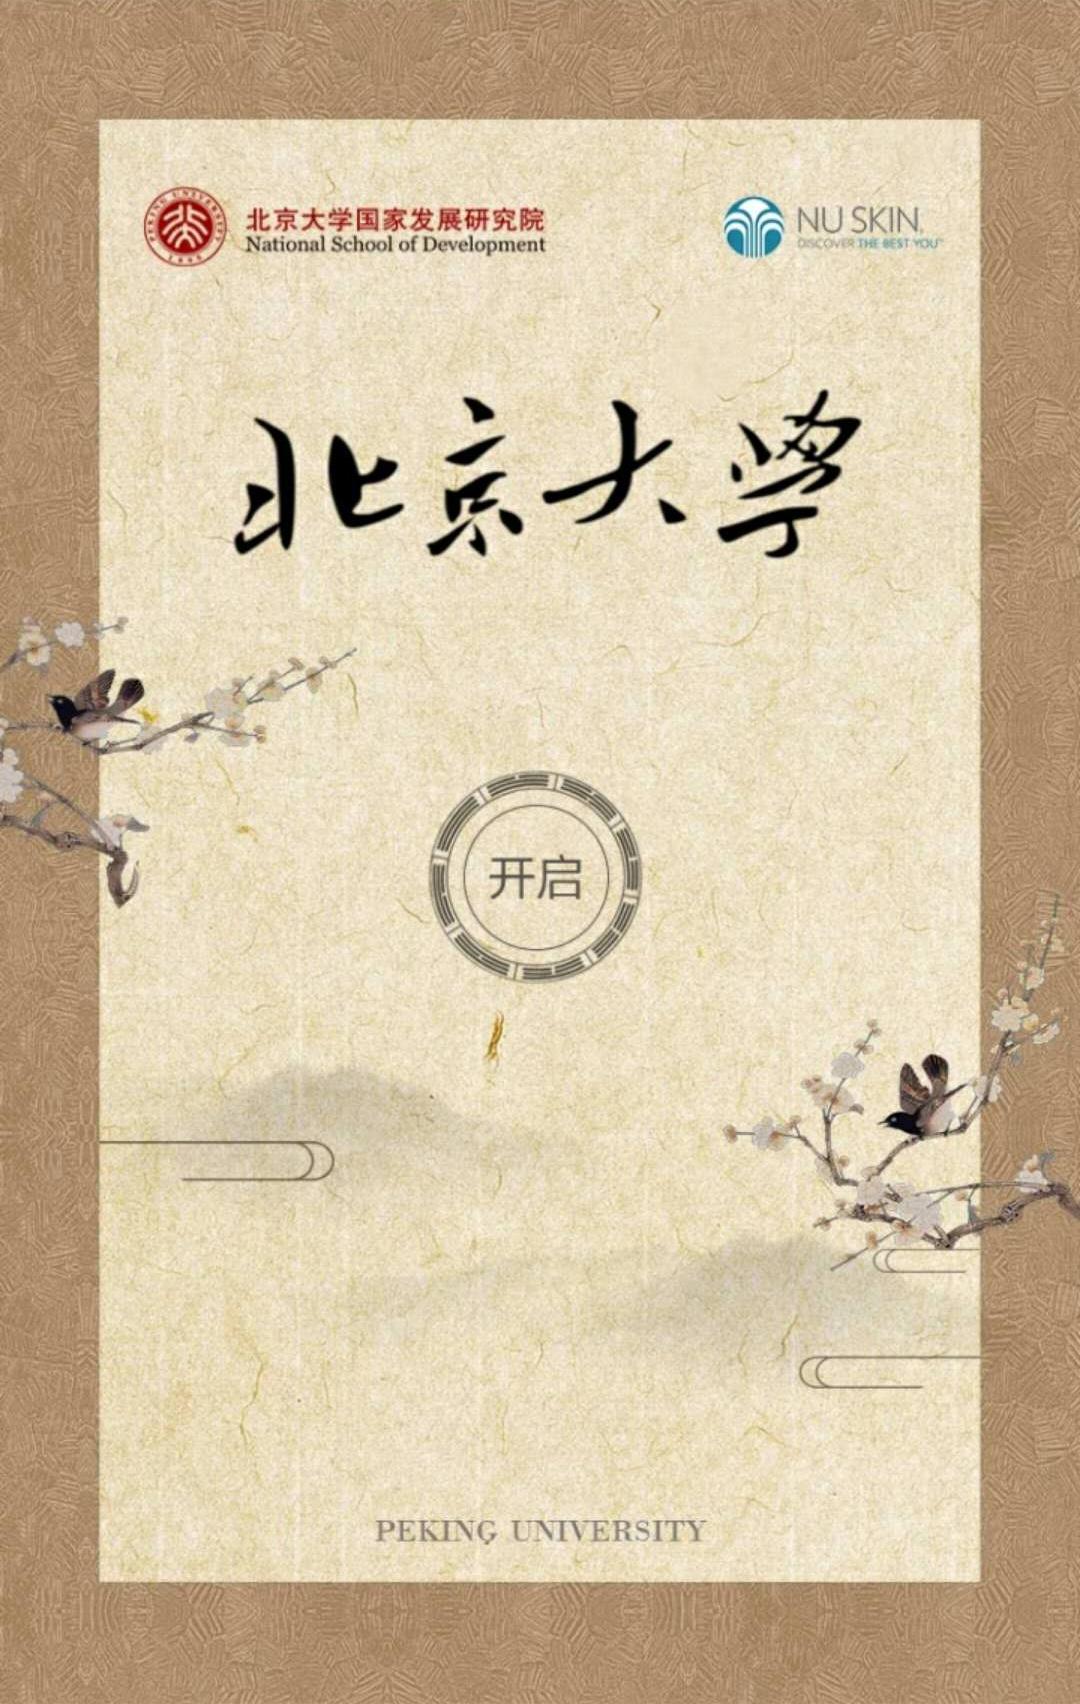 北京大学:2018北大研修班春季班等你来!